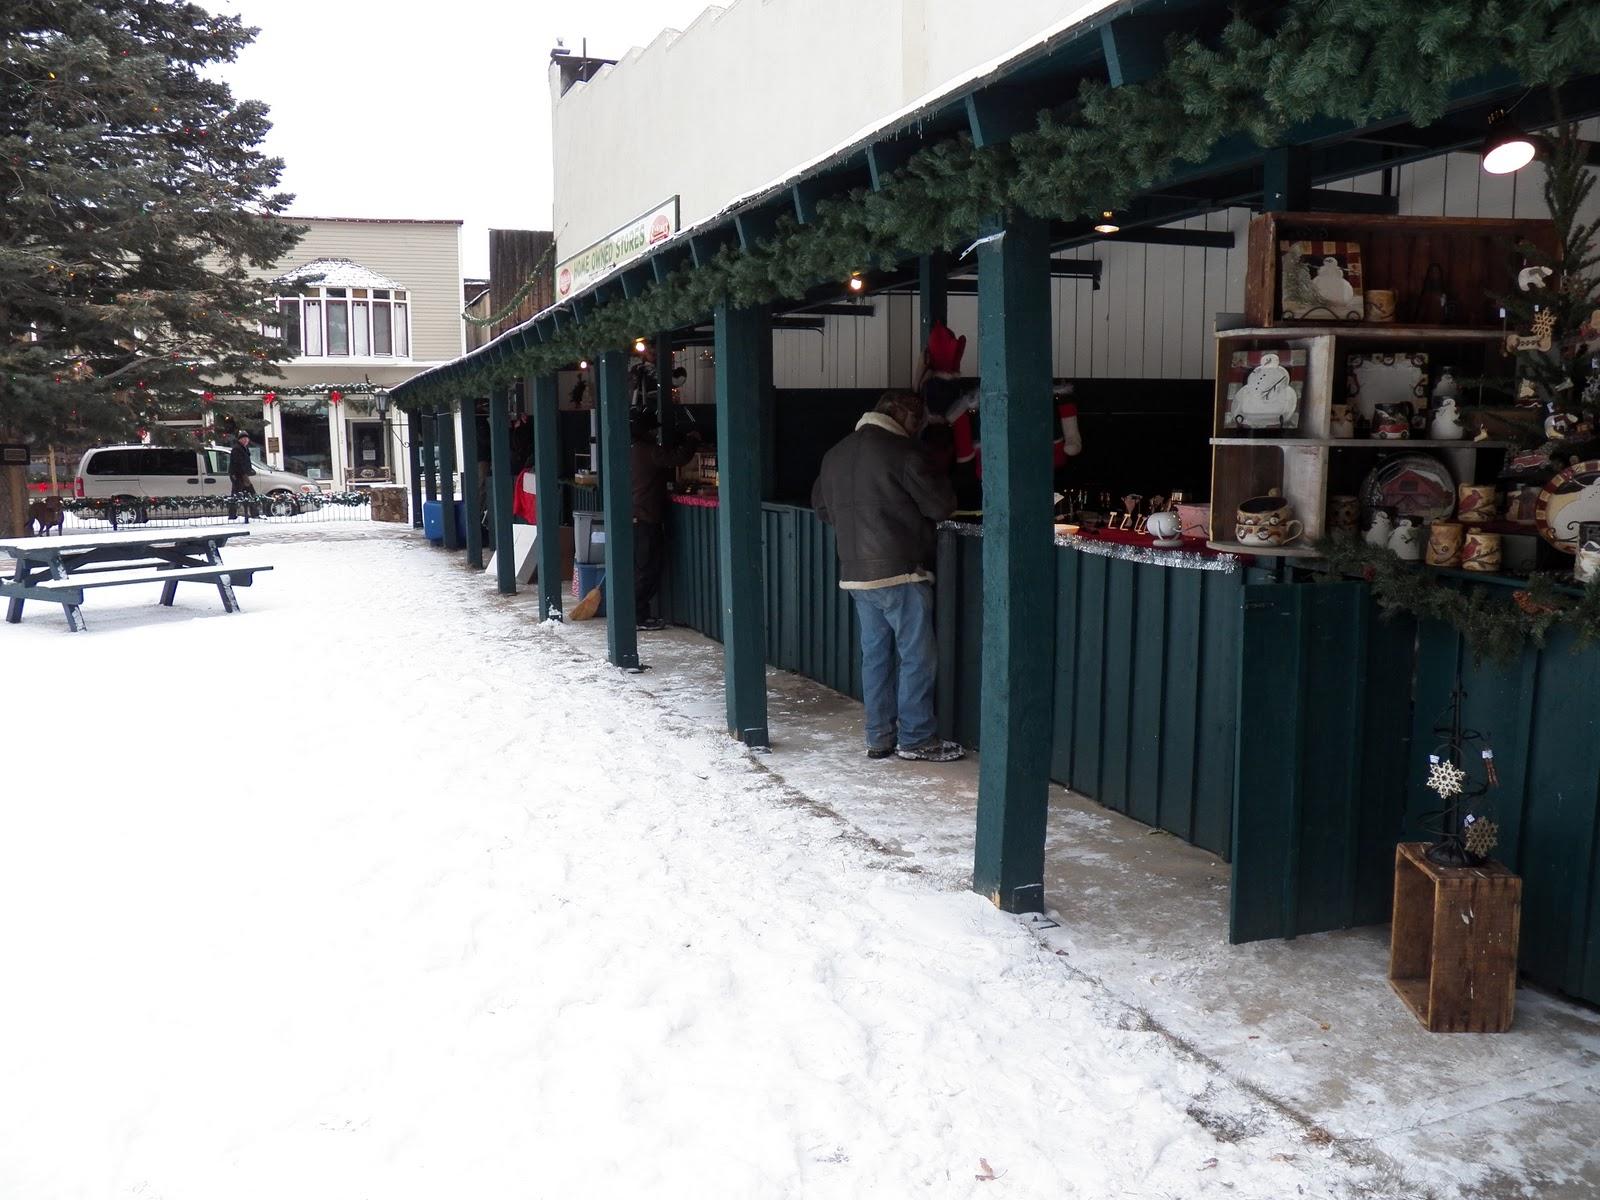 PHOTOS: Georgetown Christmas Market | 9news.com